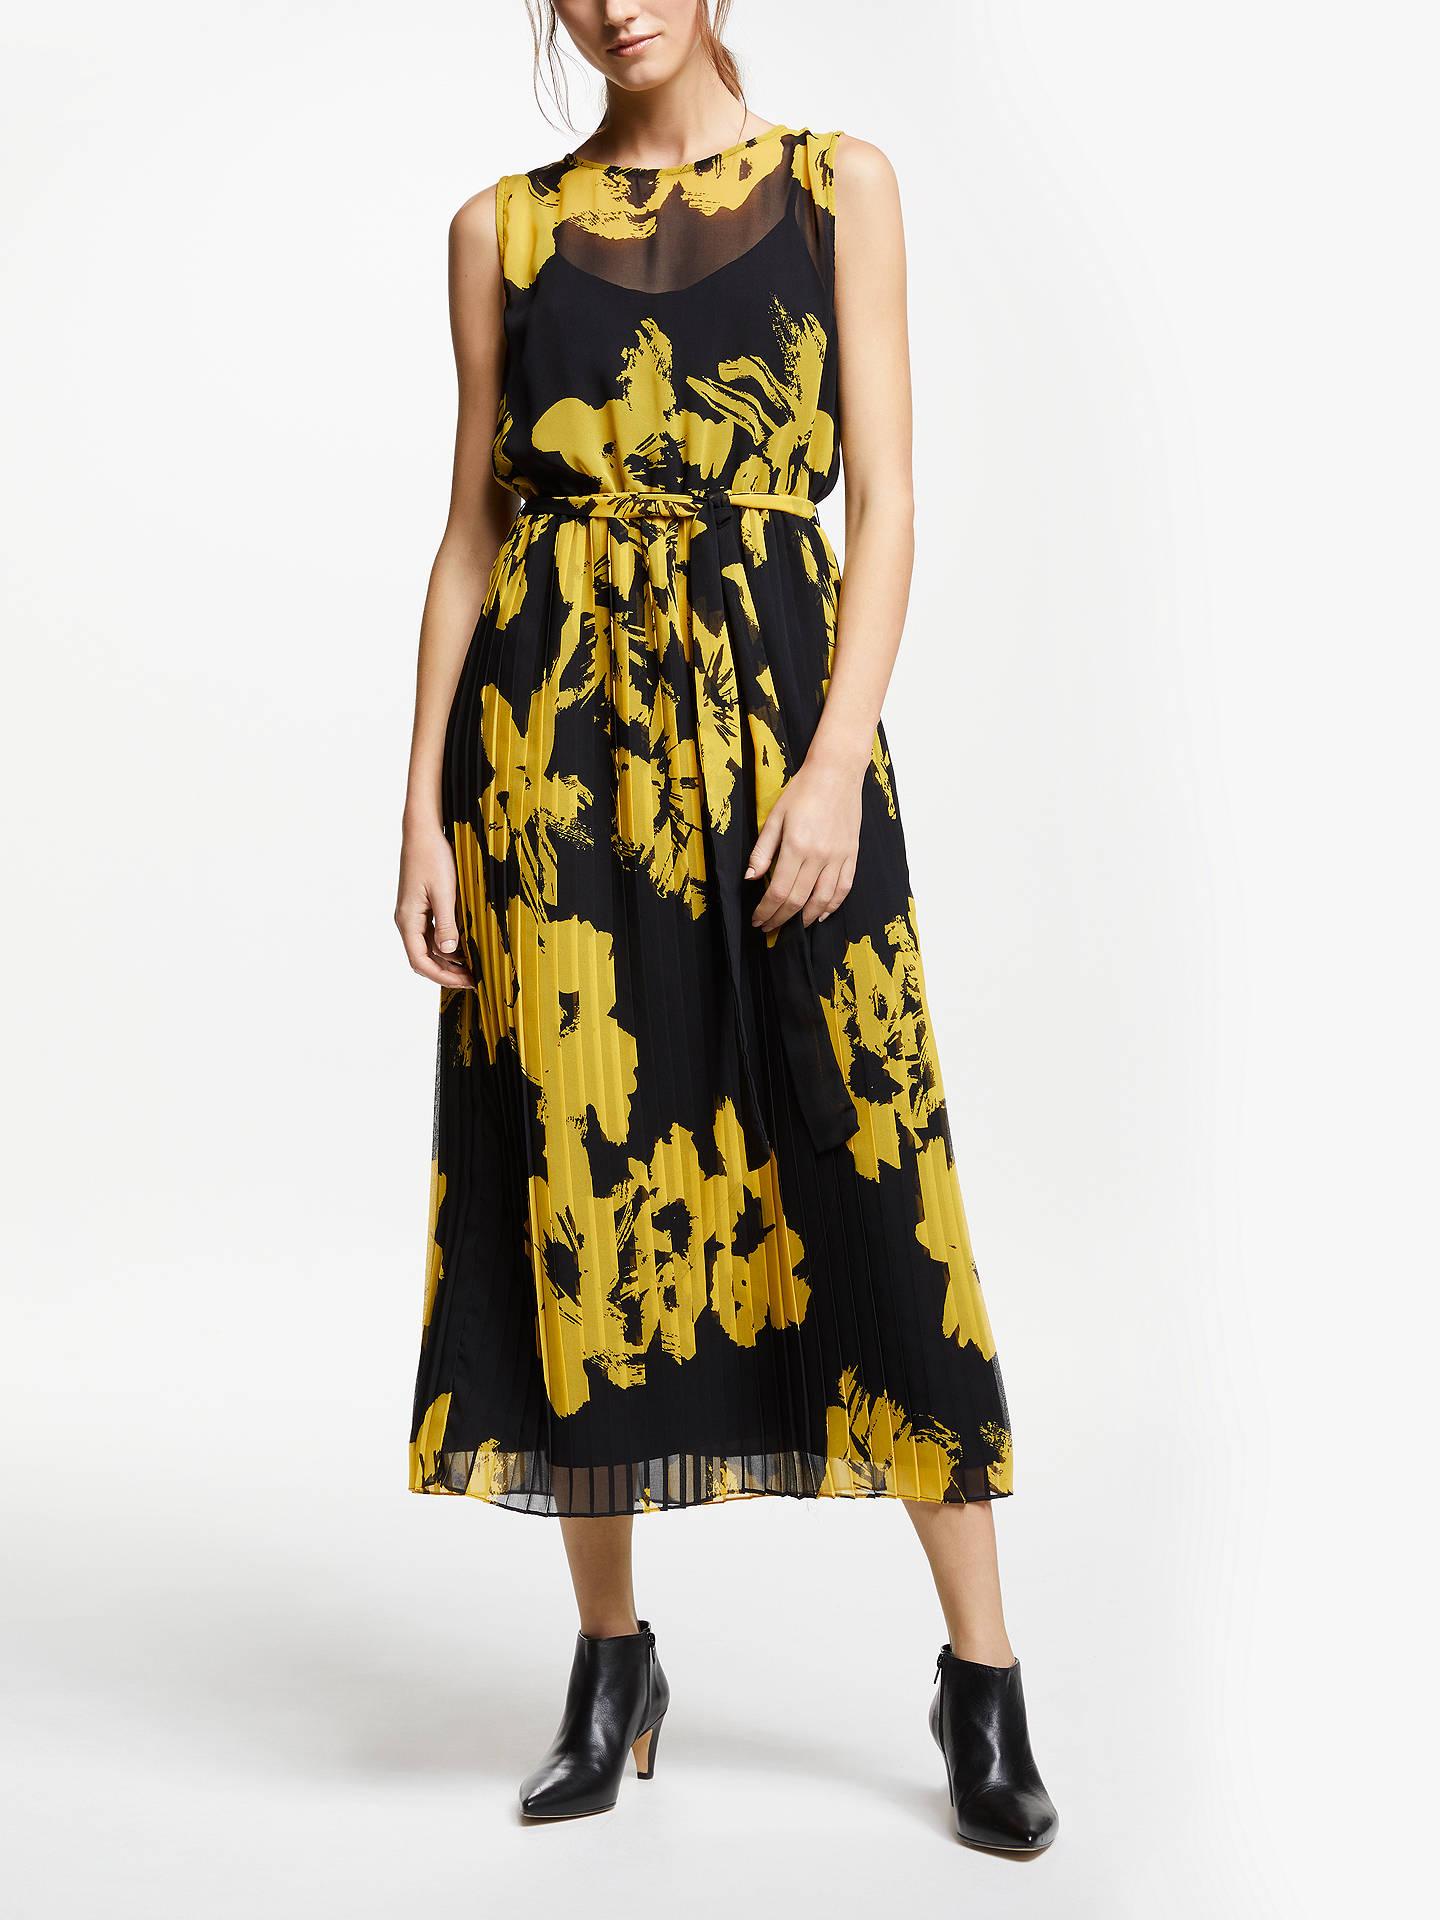 fda65ef392fc5 Marella Floral Print Maxi Dress, Yellow/Black at John Lewis & Partners